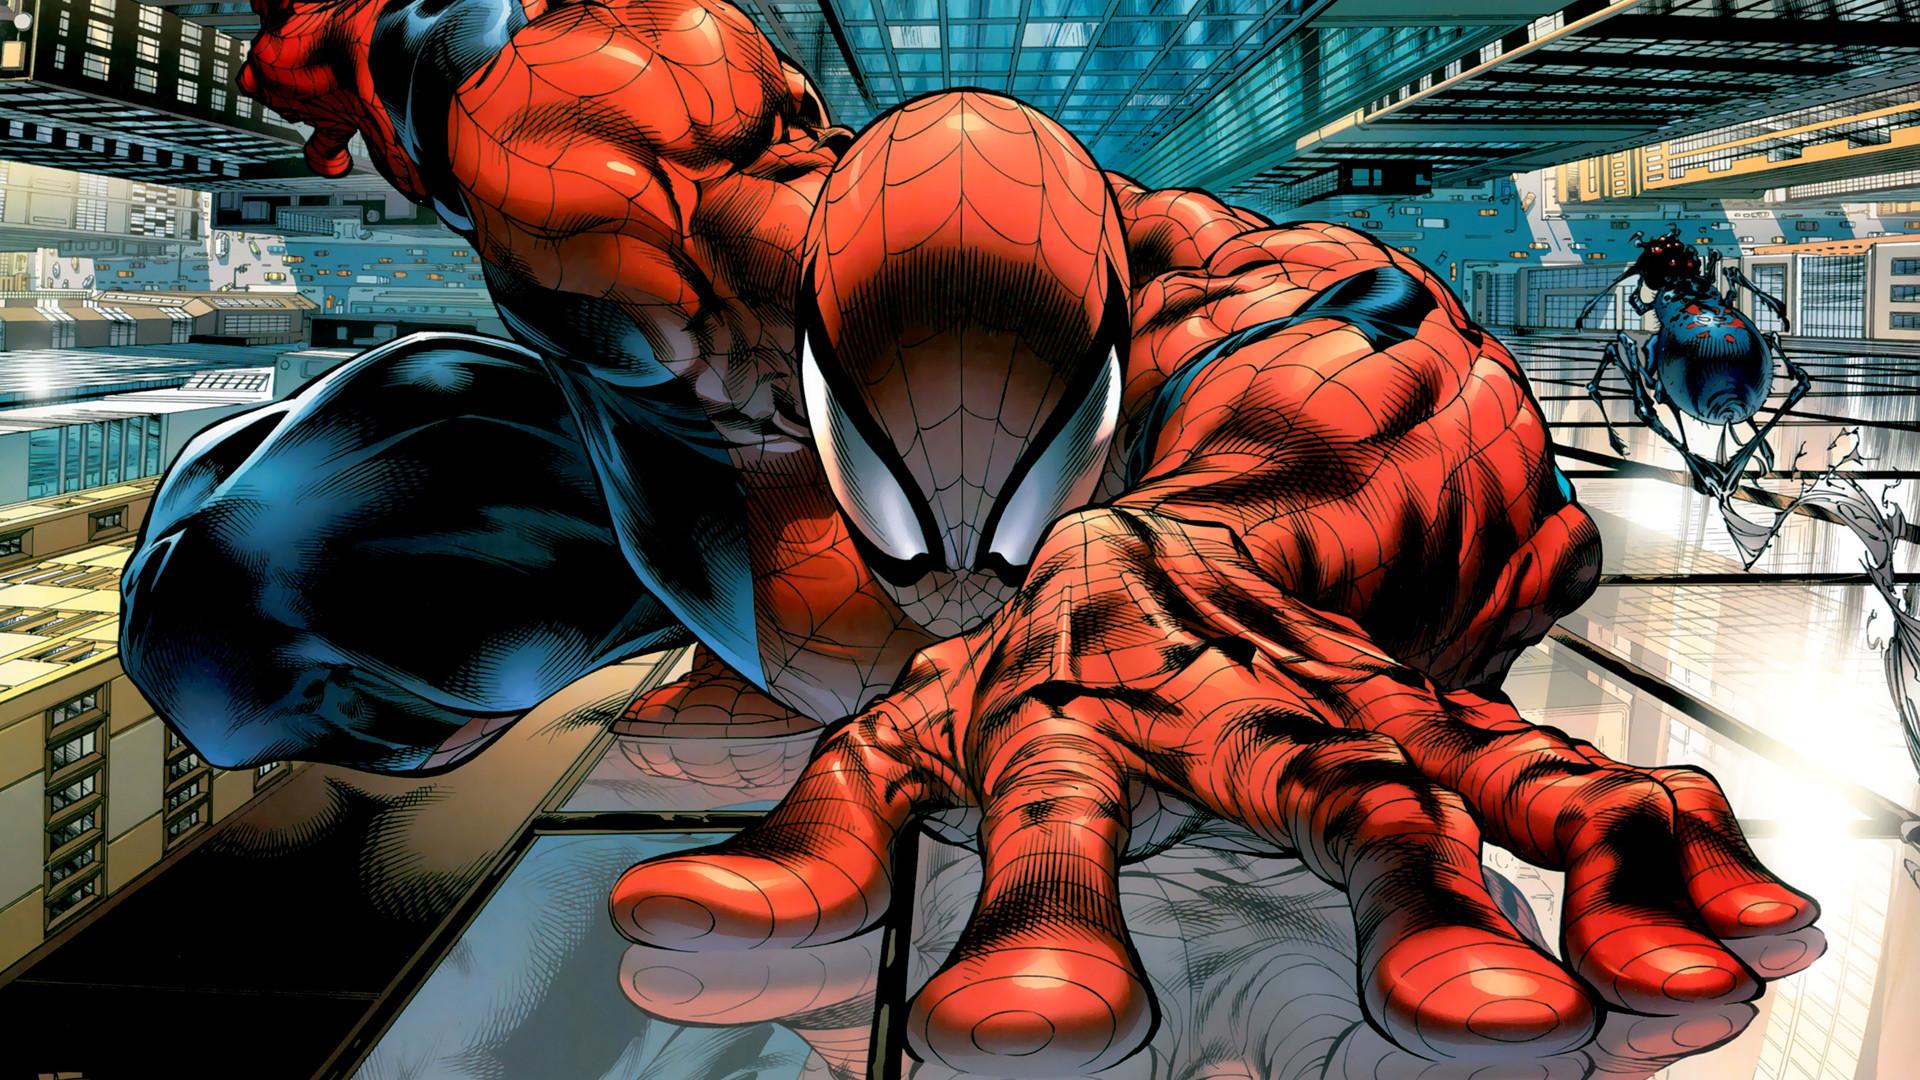 Comics Spider man Wallpaper Comics, Spiderman, Marvel